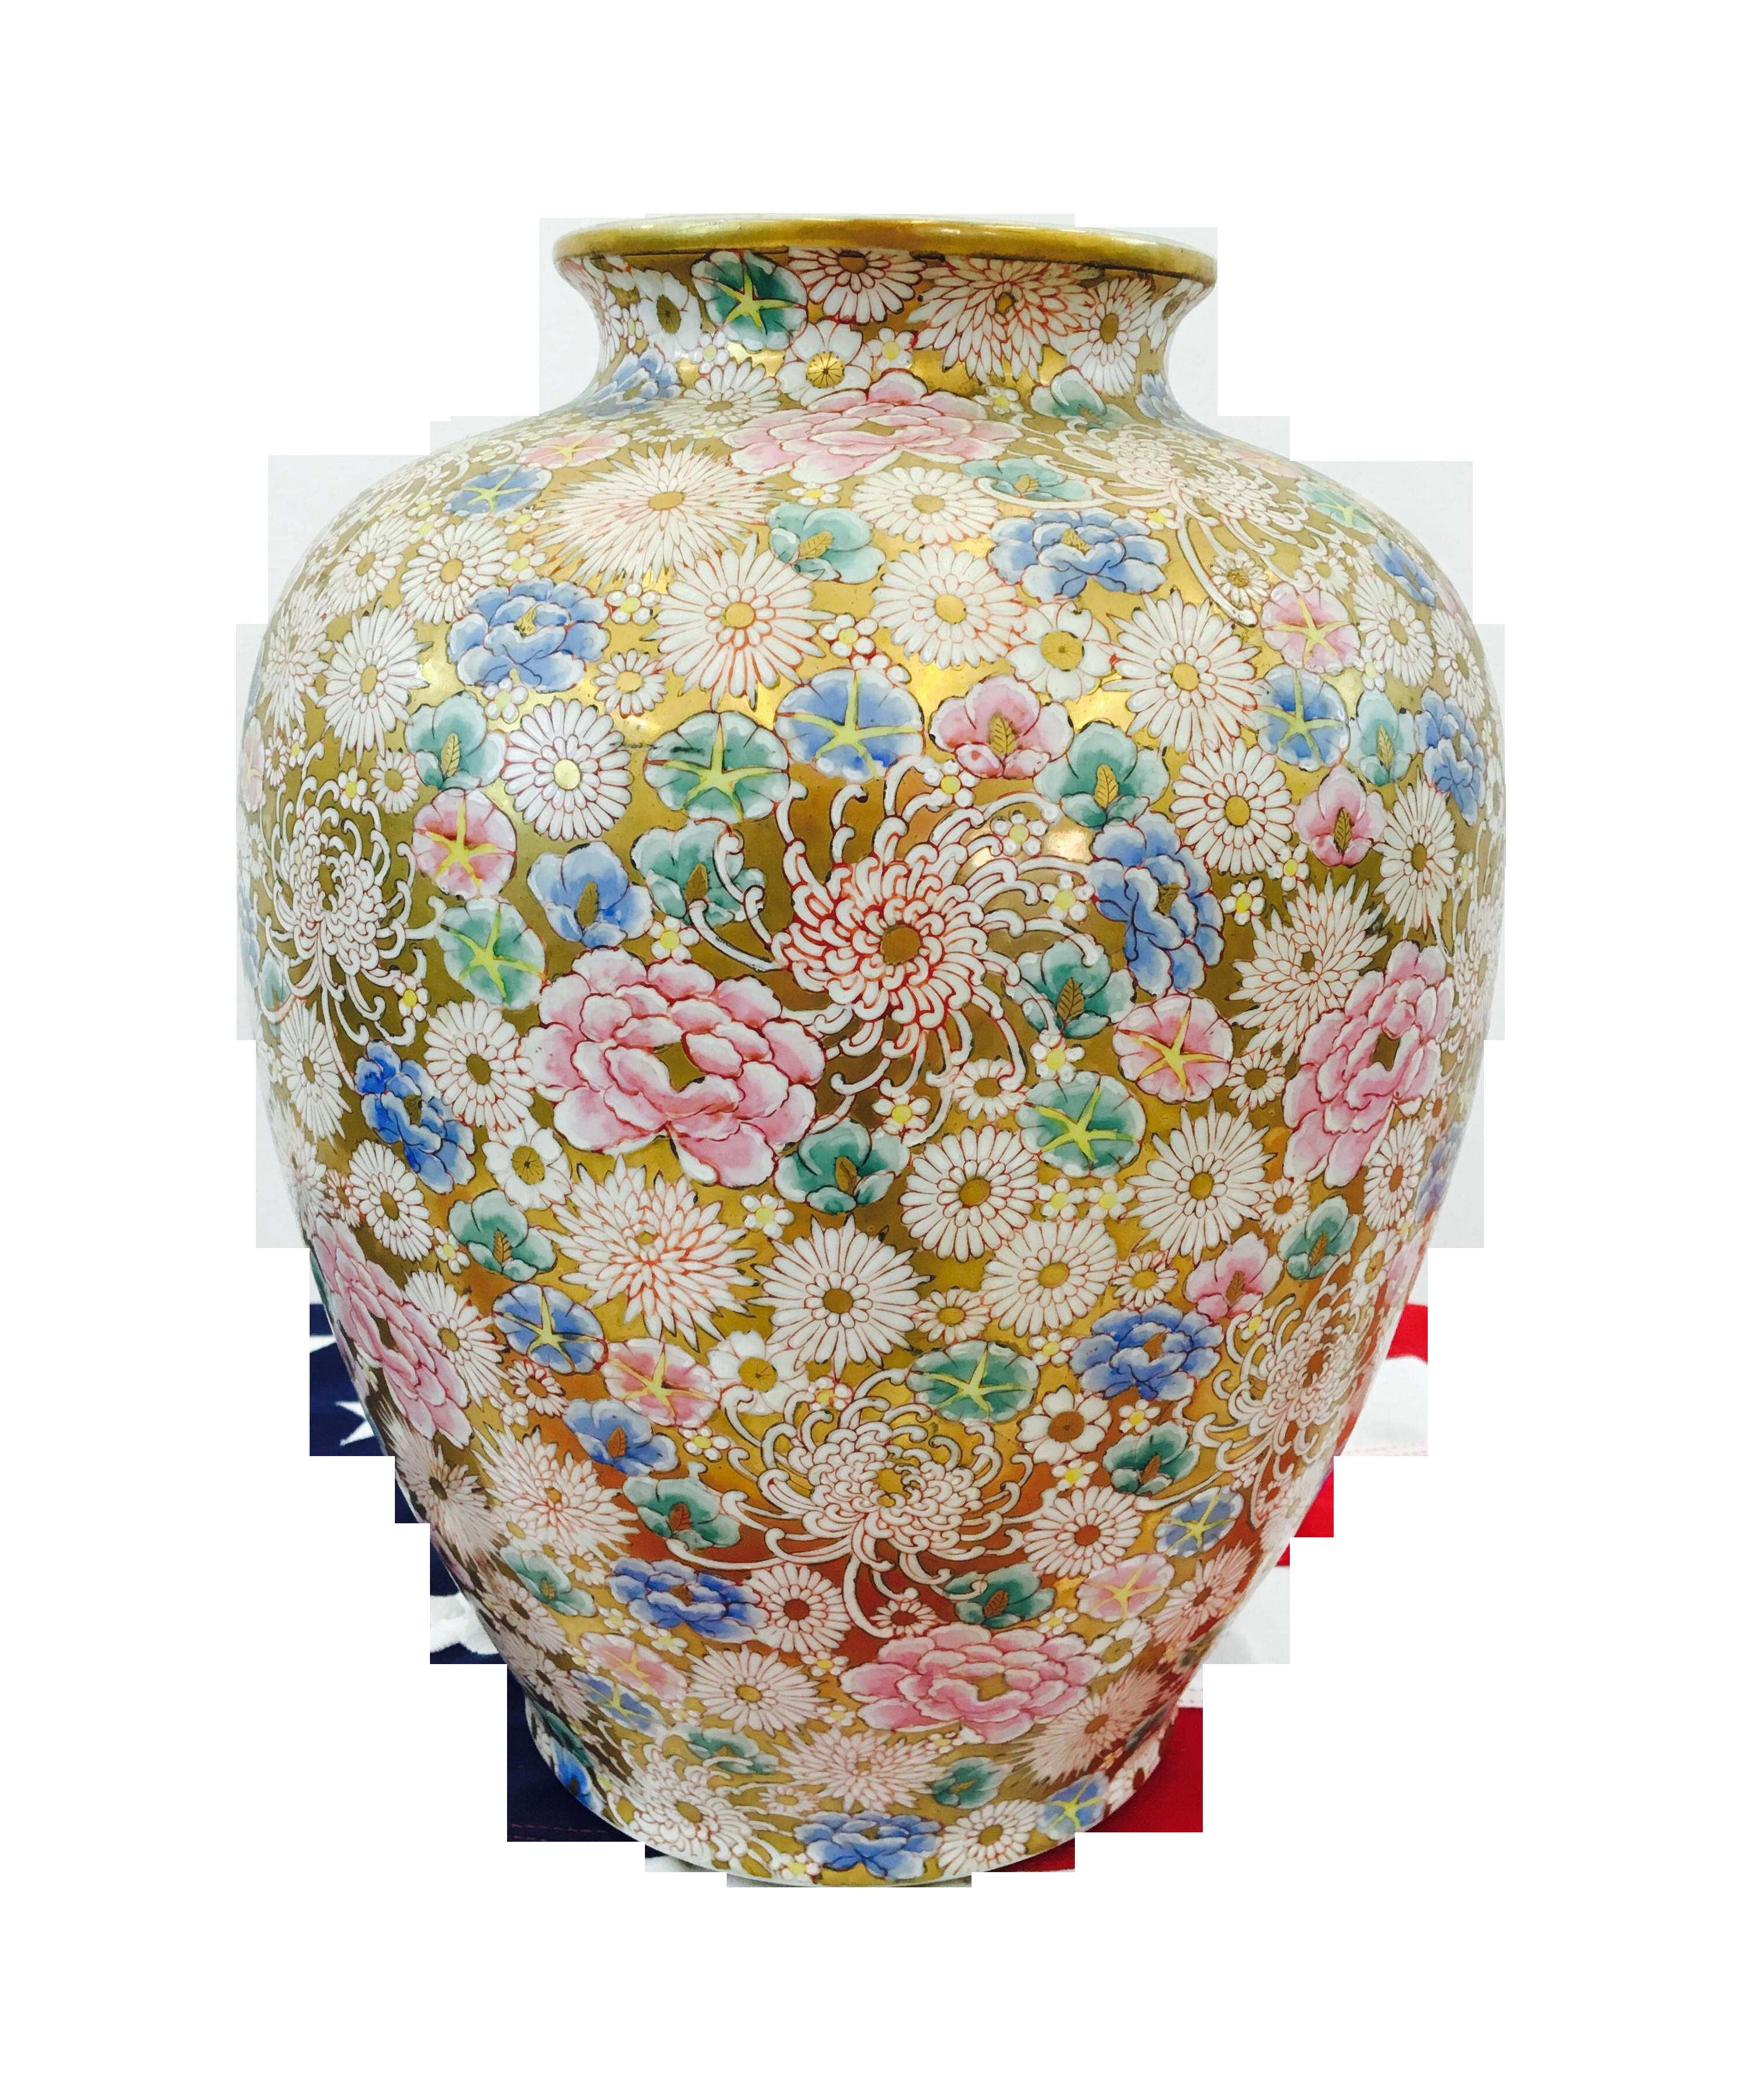 asian porcelain vases of vintage signed floral asian ginger jar or vase oriental design and within vintage signed floral asian ginger jar or vase on chairish com